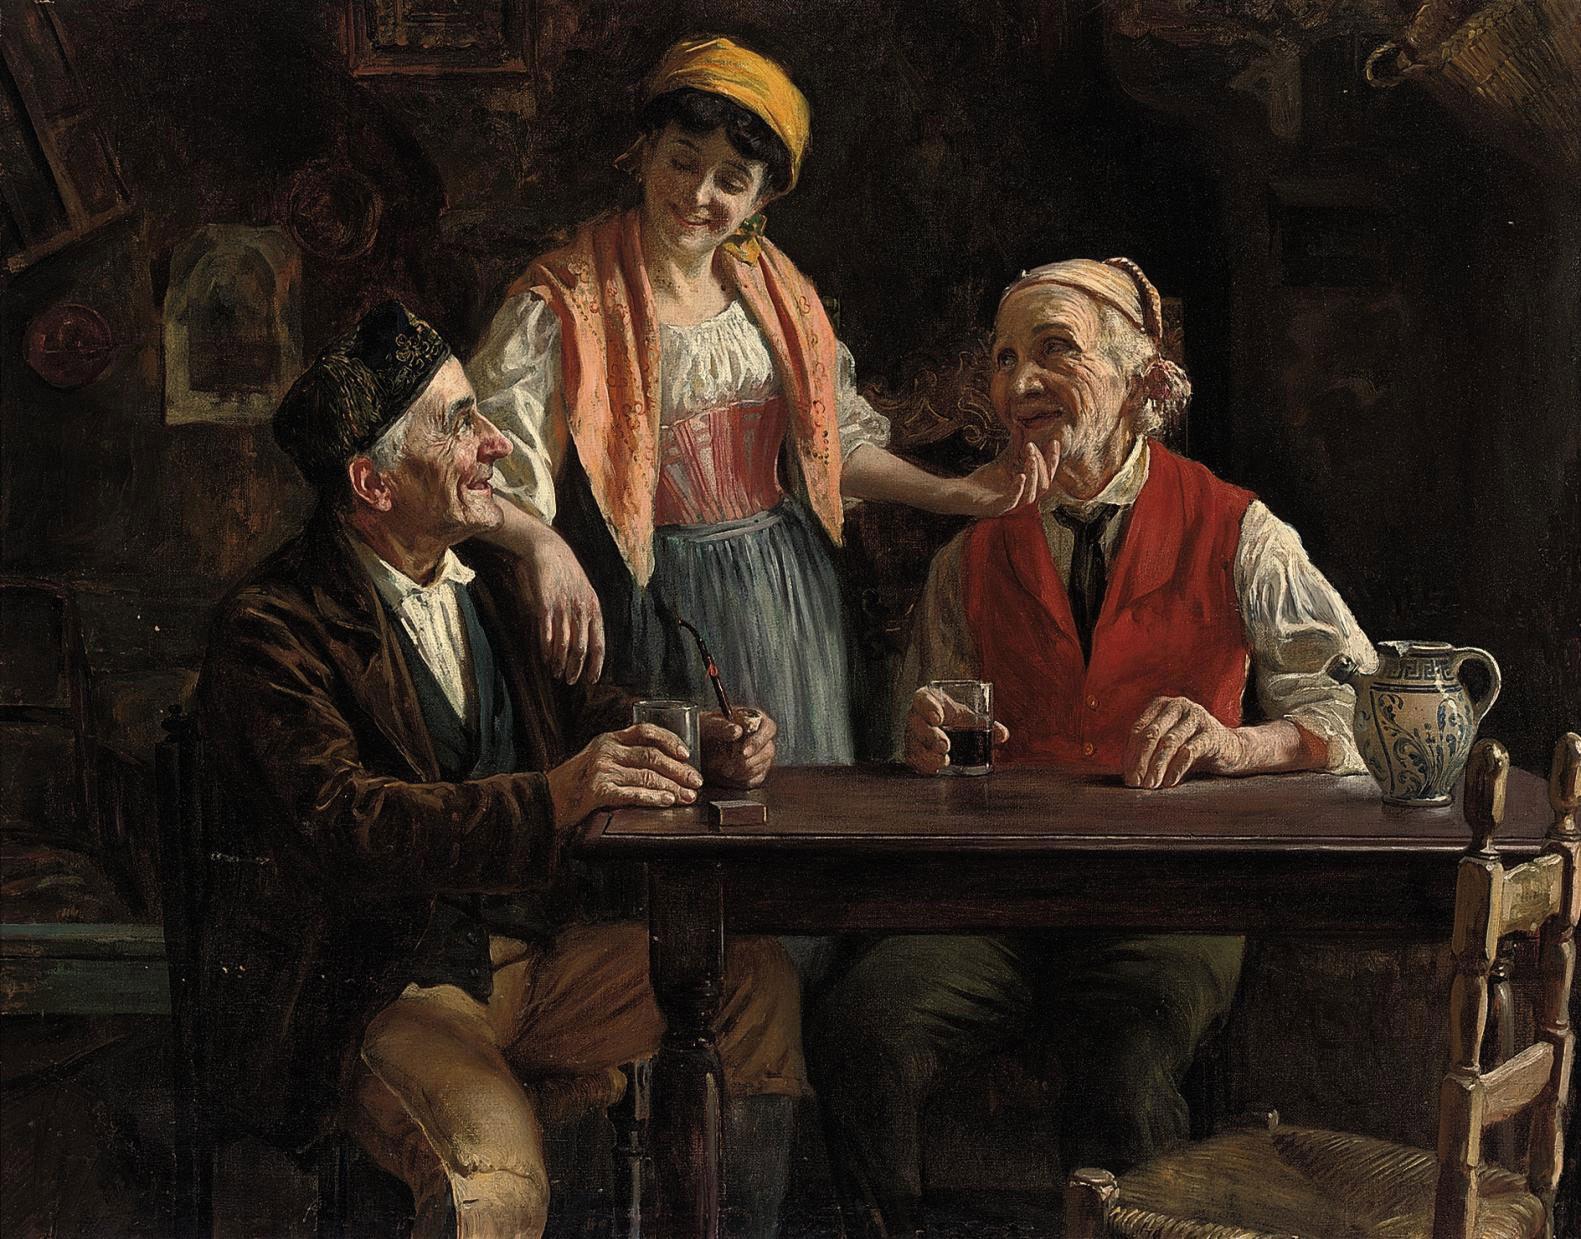 Flirtation at the tavern